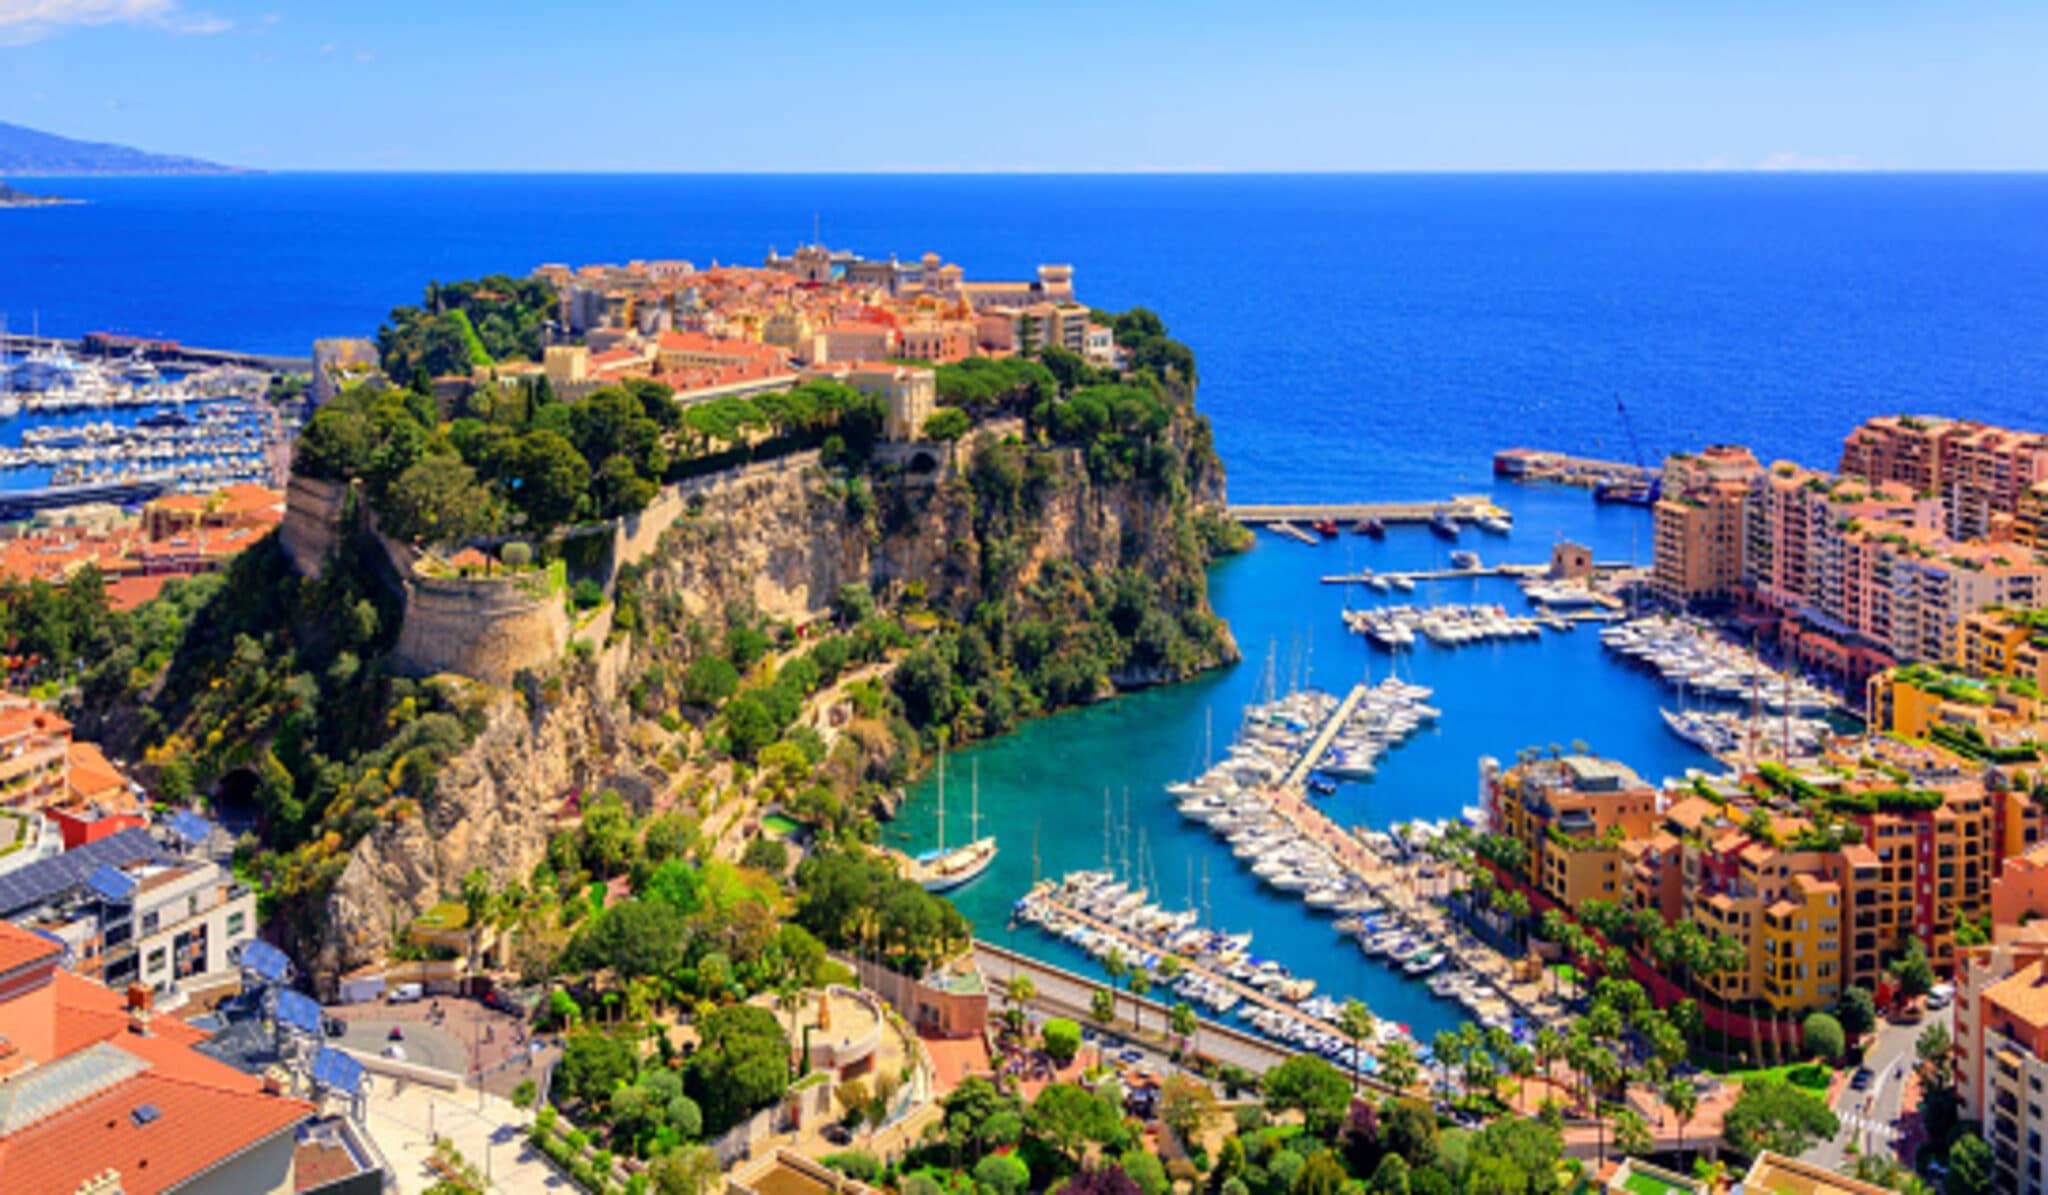 Monaco, principato, green, sostenibilità, giardini, ambiente, architettura, edilizia, scelte, economia, progetto, impatto, emissioni, rinnovabili, paesaggio, risorse, Energy Close-up Engineering